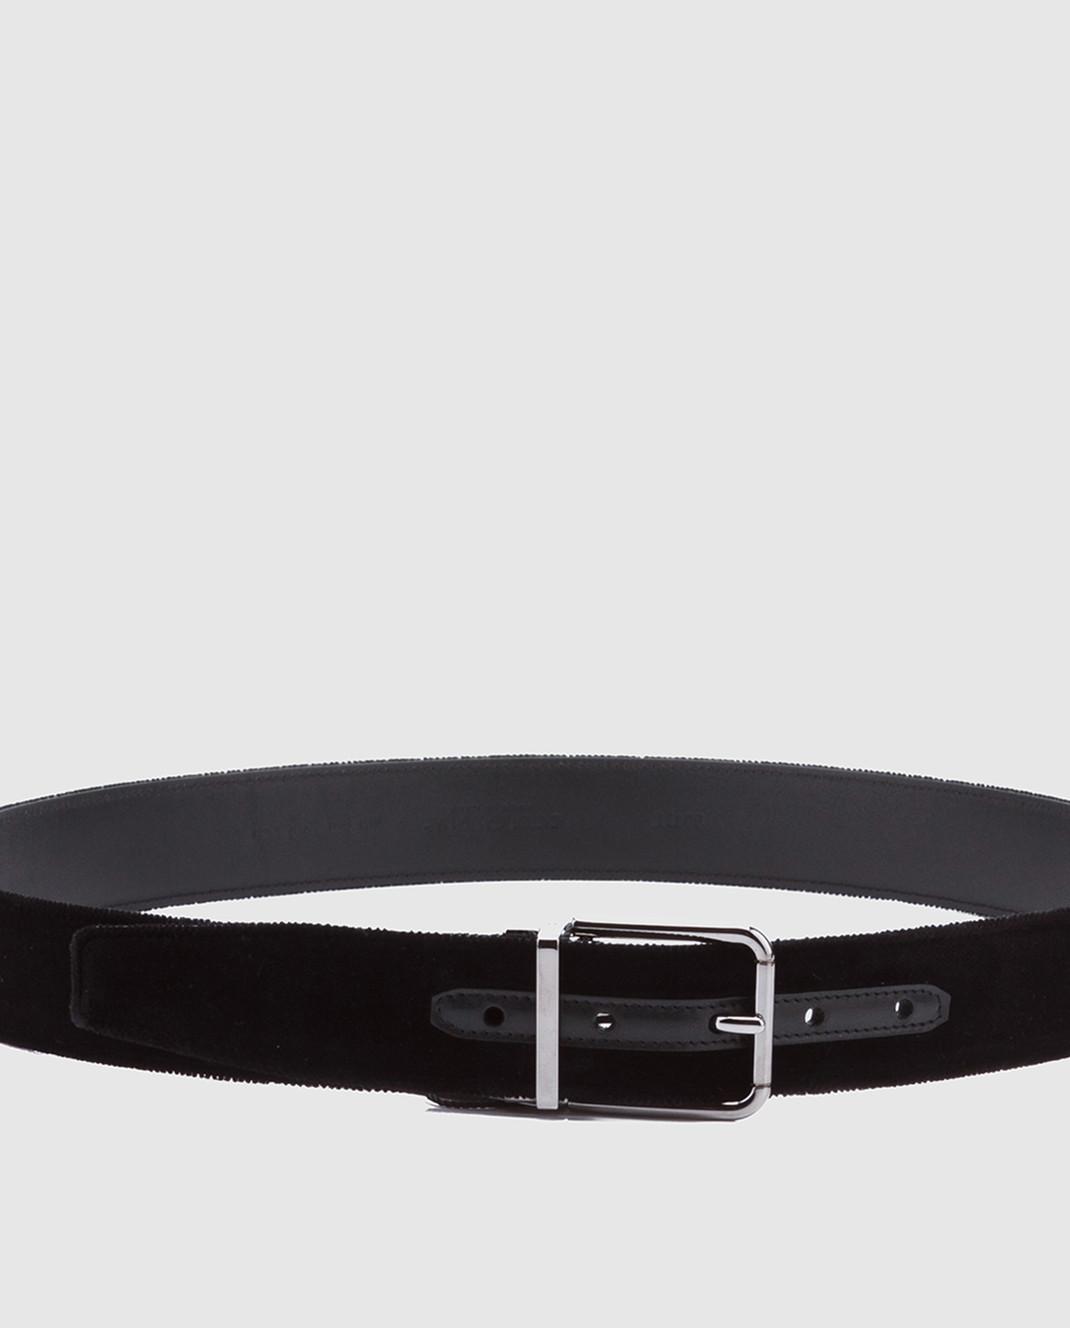 Dolce&Gabbana Черный ремень BC4217A6808 изображение 2